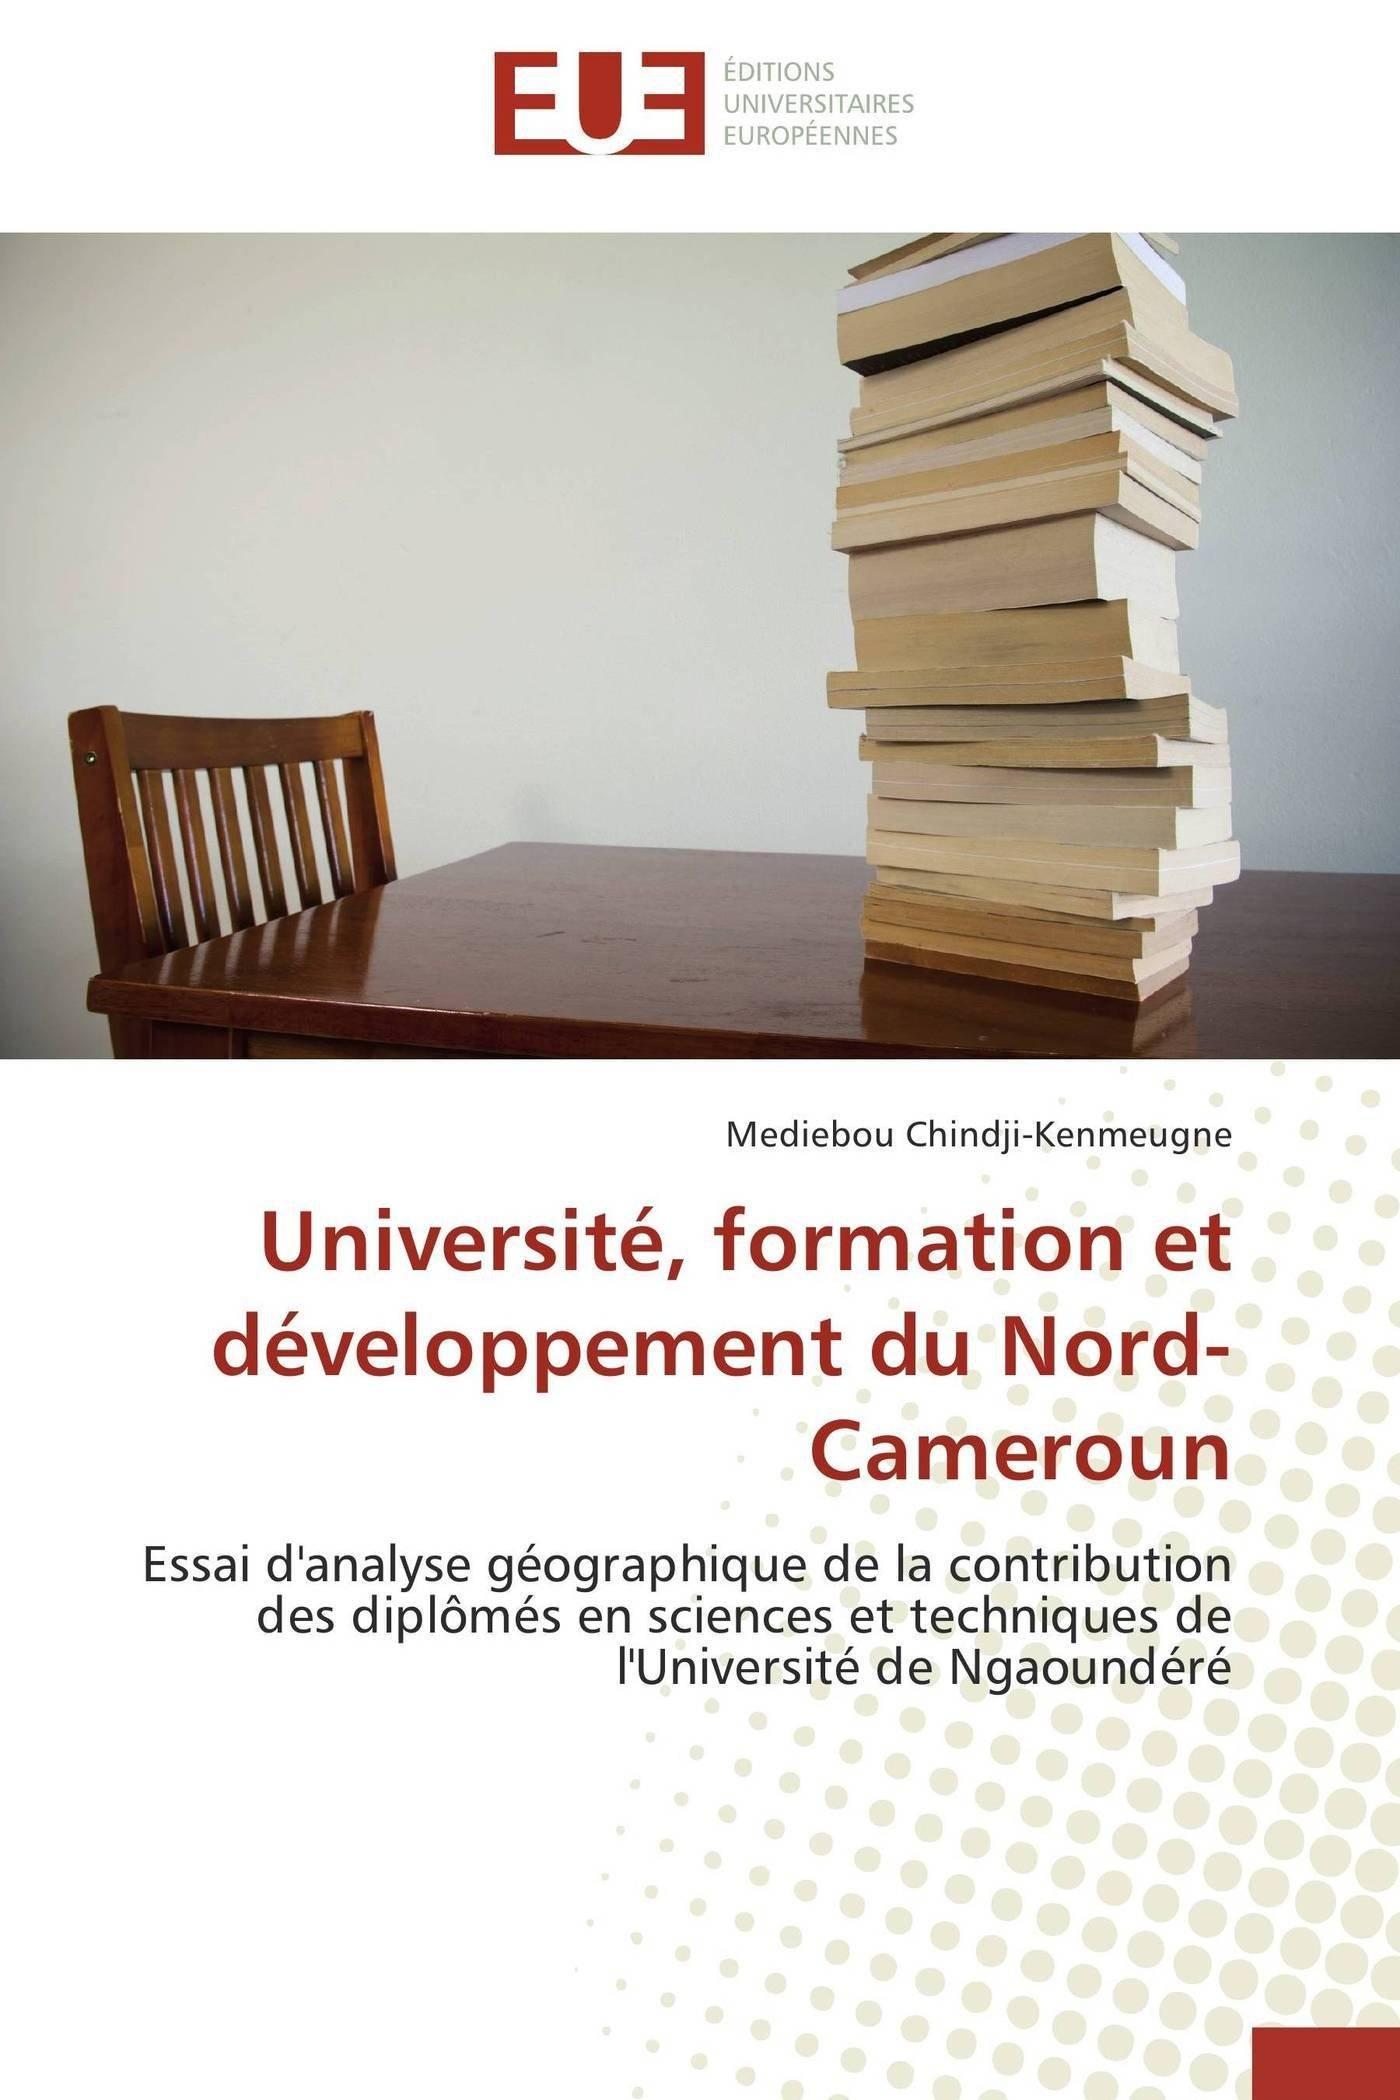 Université, formation et développement du Nord-Cameroun: Essai d'analyse géographique de la contribution des diplômés en sciences et techniques de l'Université de Ngaoundéré (Omn.Univ.Europ.)